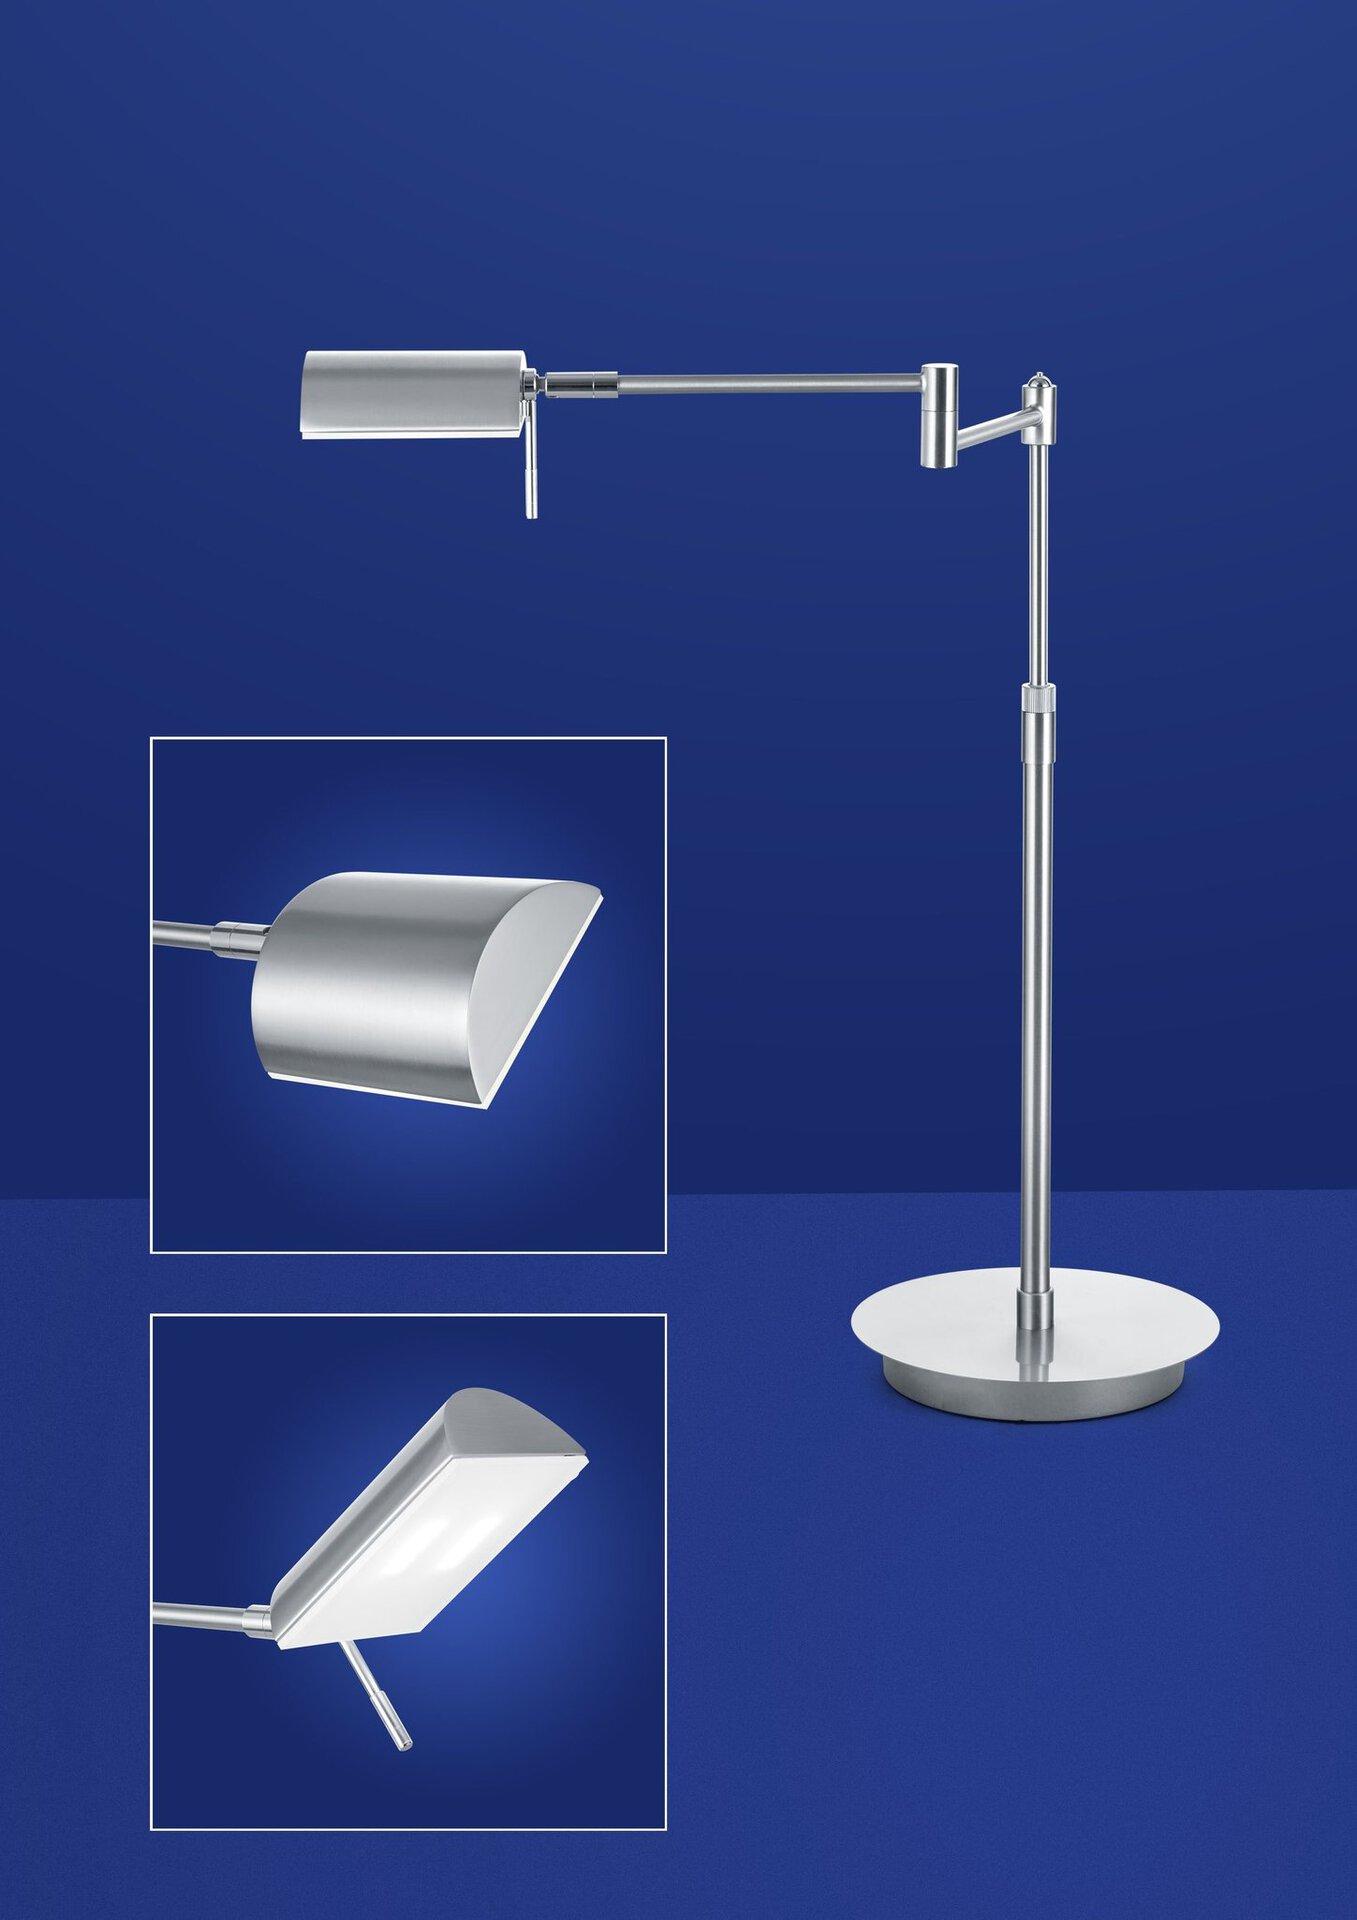 Tischleuchte Graz B-Leuchten Metall 60 x 55 cm